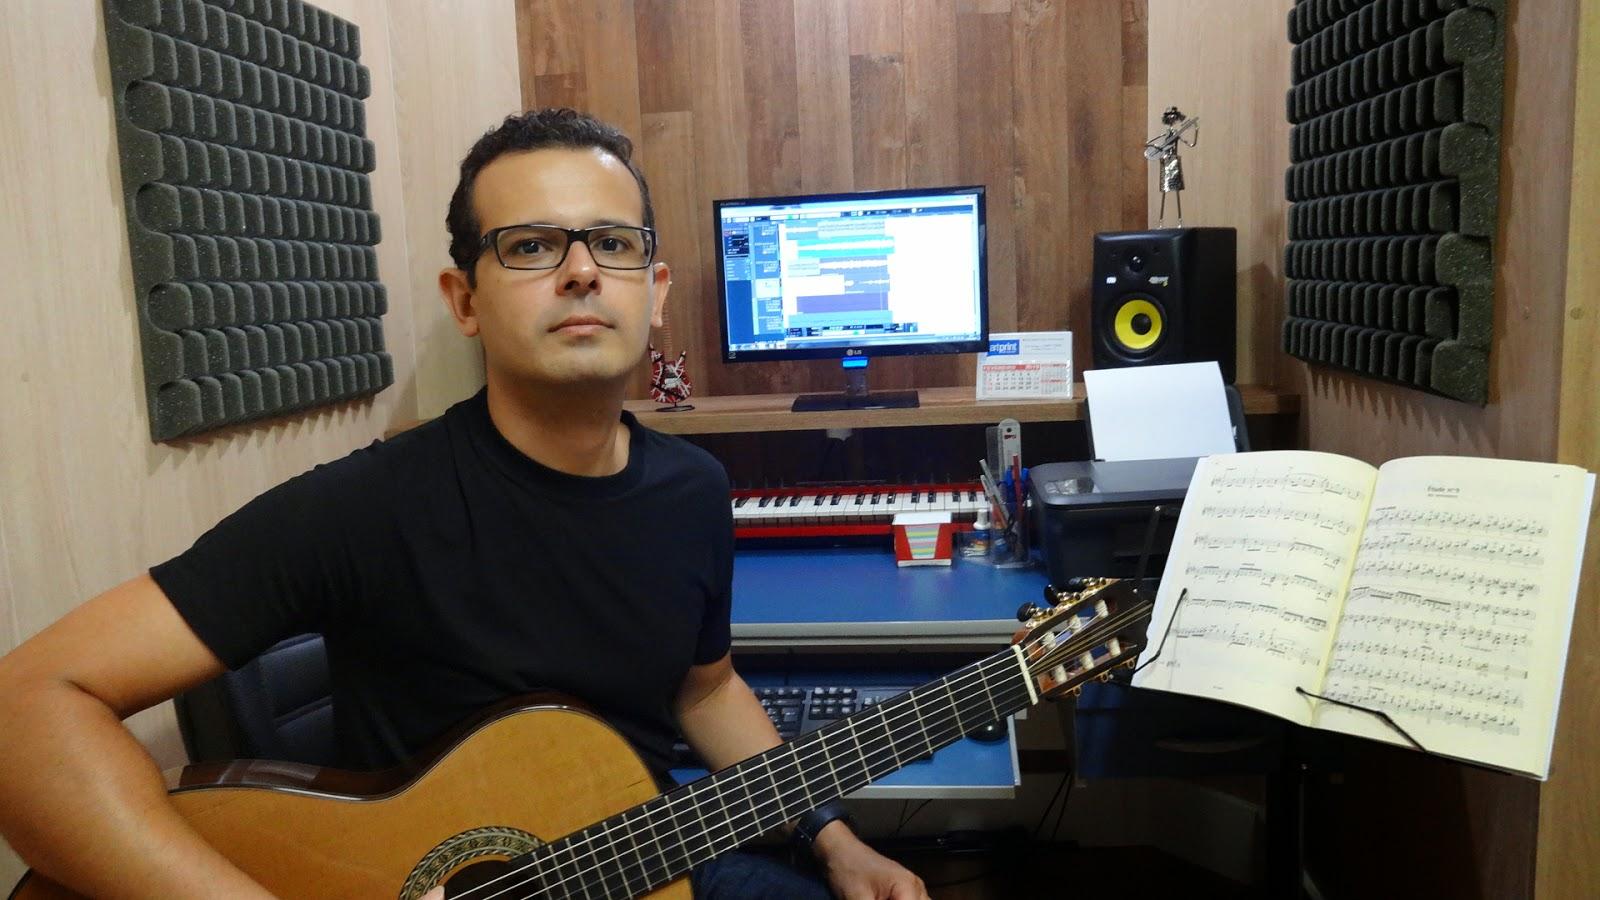 aula de violão, guitarra, ukulele, harmonia em guarapari, online, skype, joão daniel